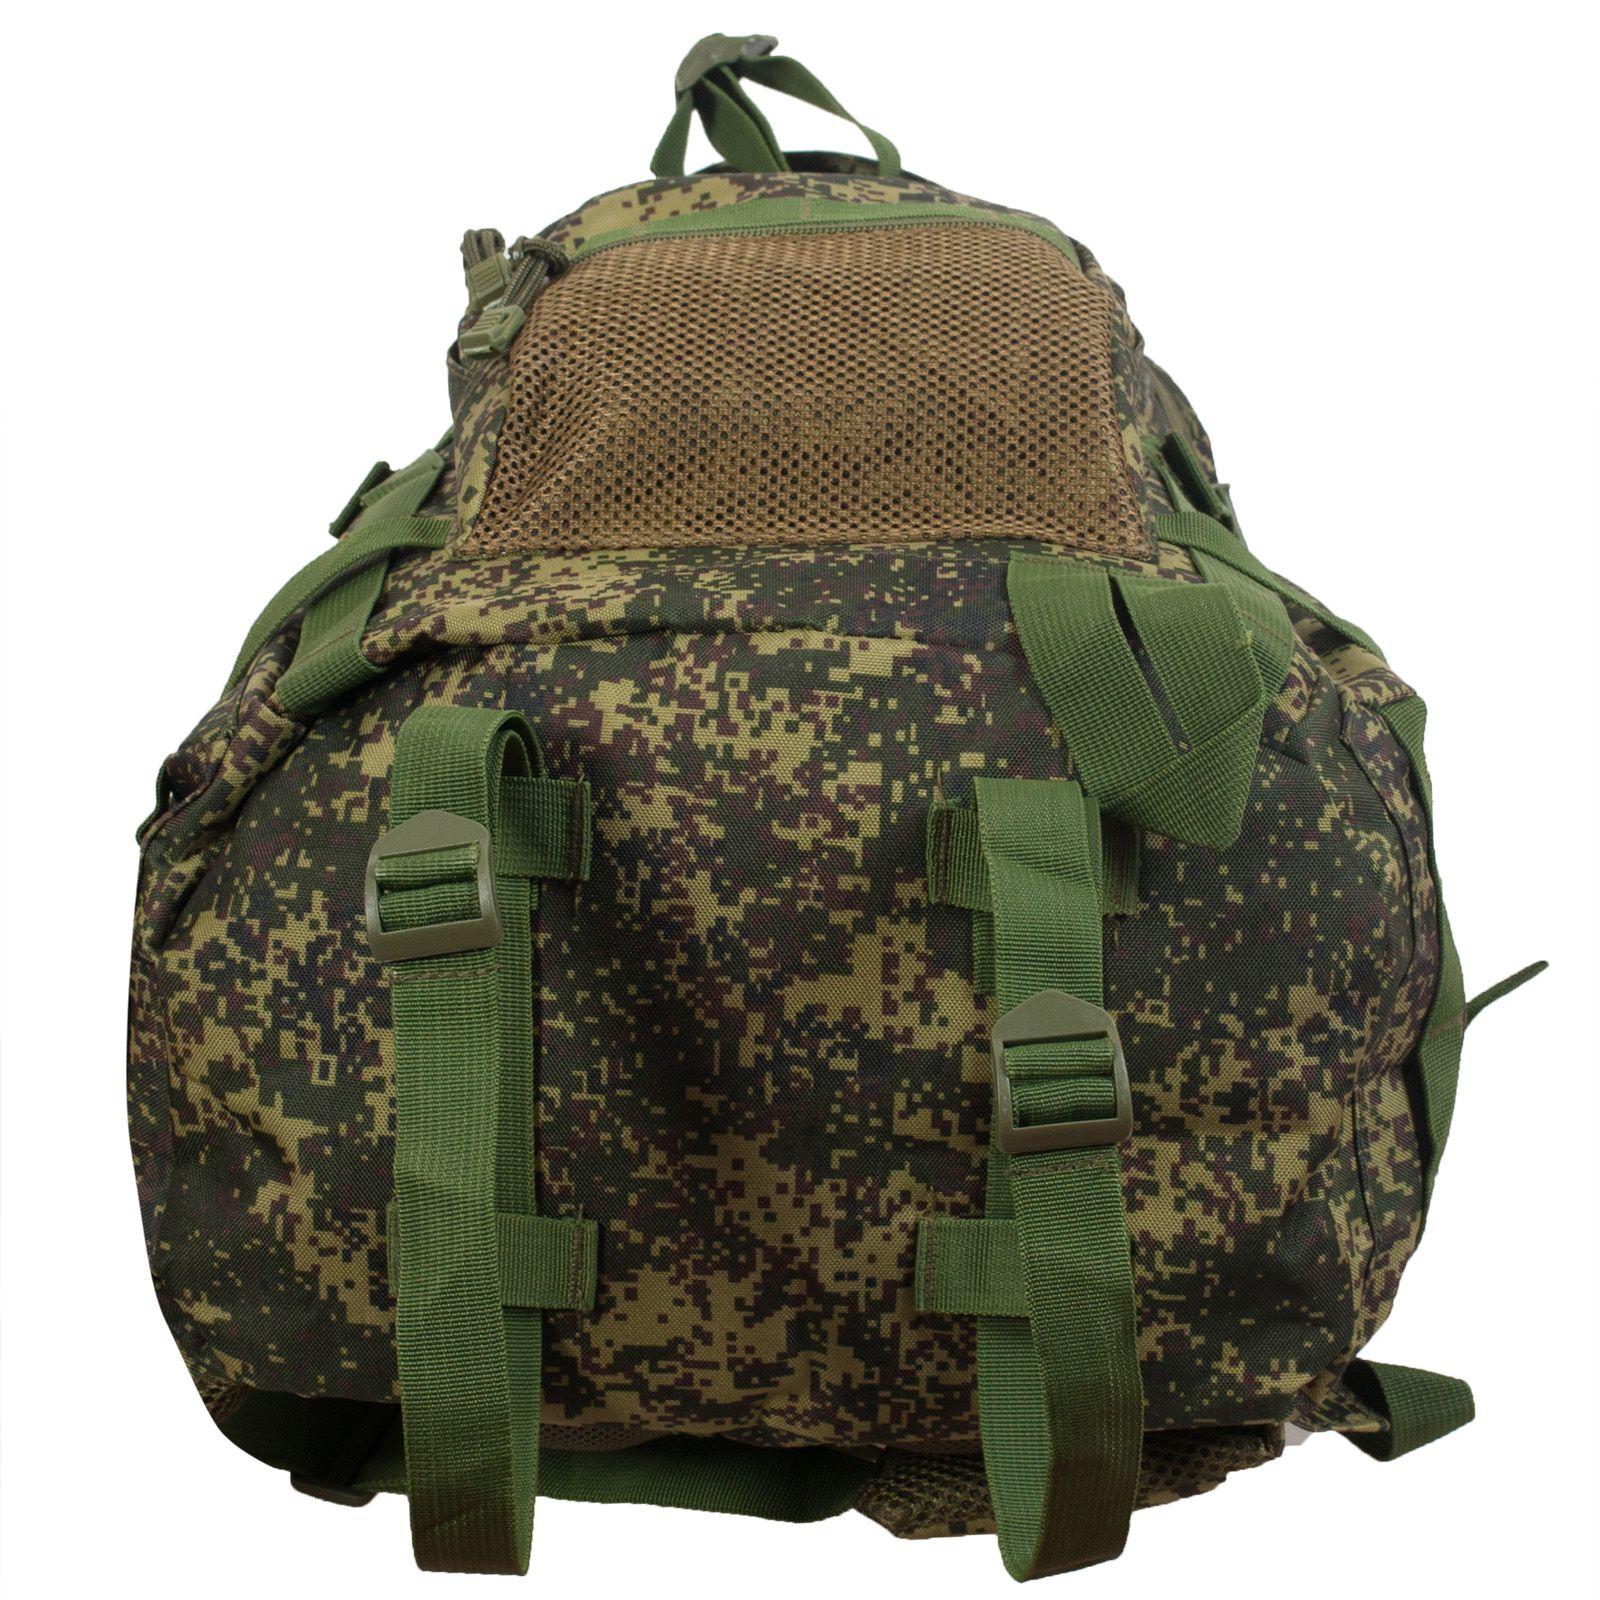 Надежный тактический рюкзак с нашивкой Погранслужба - купить оптом